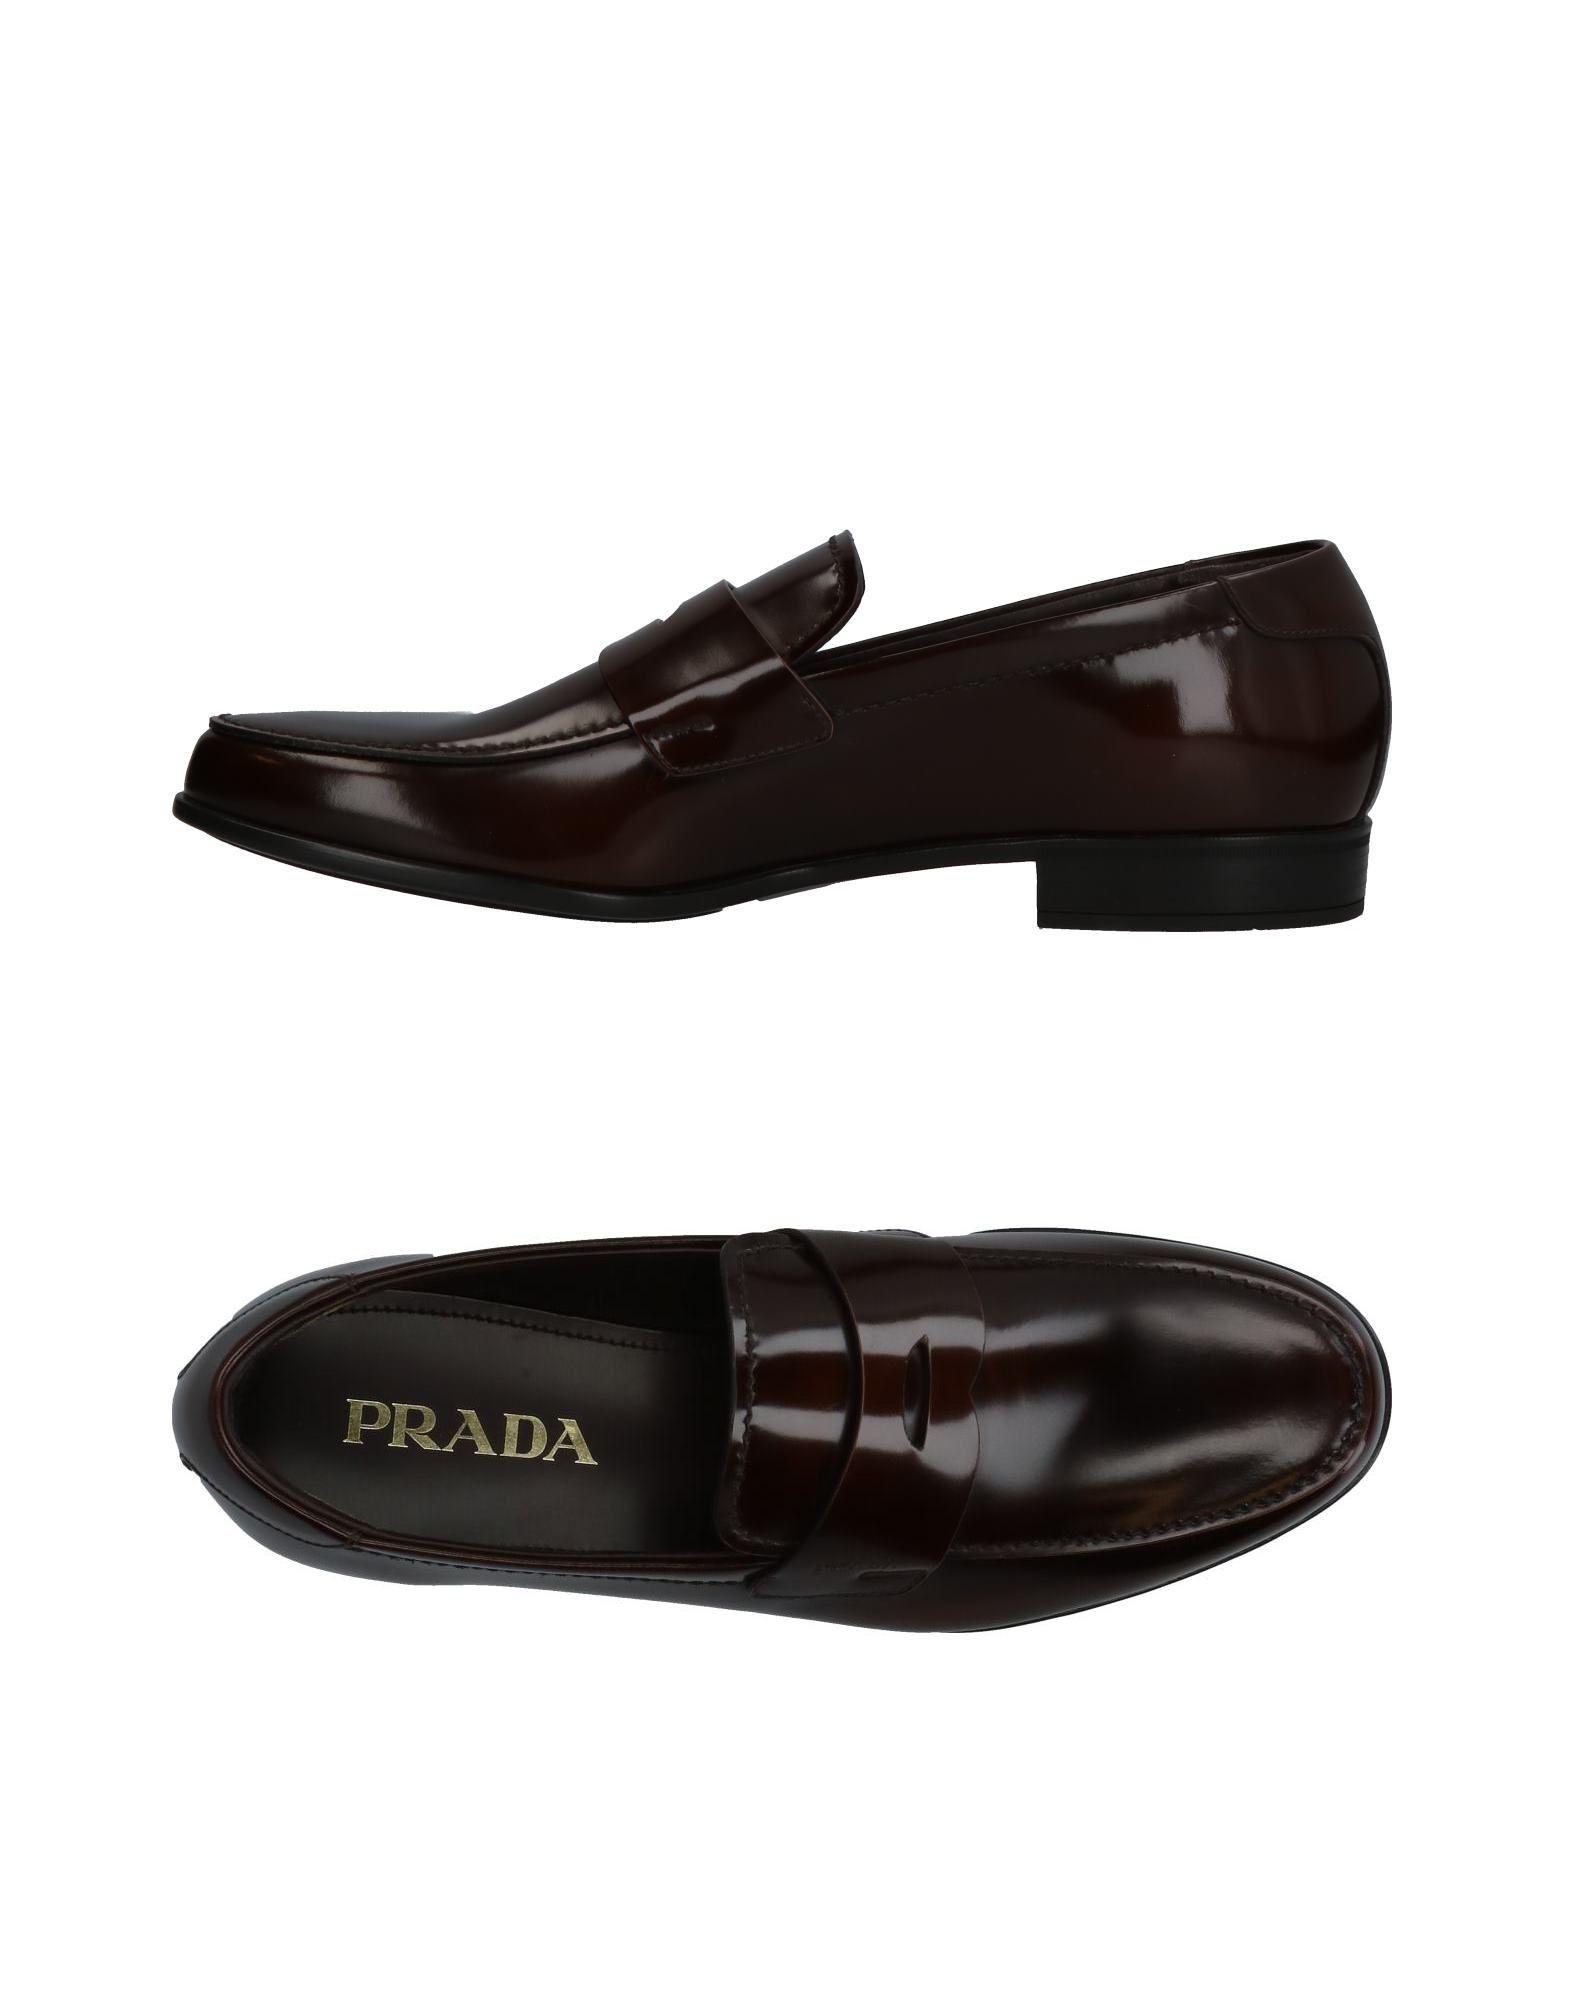 Prada Mokassins Herren  11327372FN Gute Qualität beliebte Schuhe